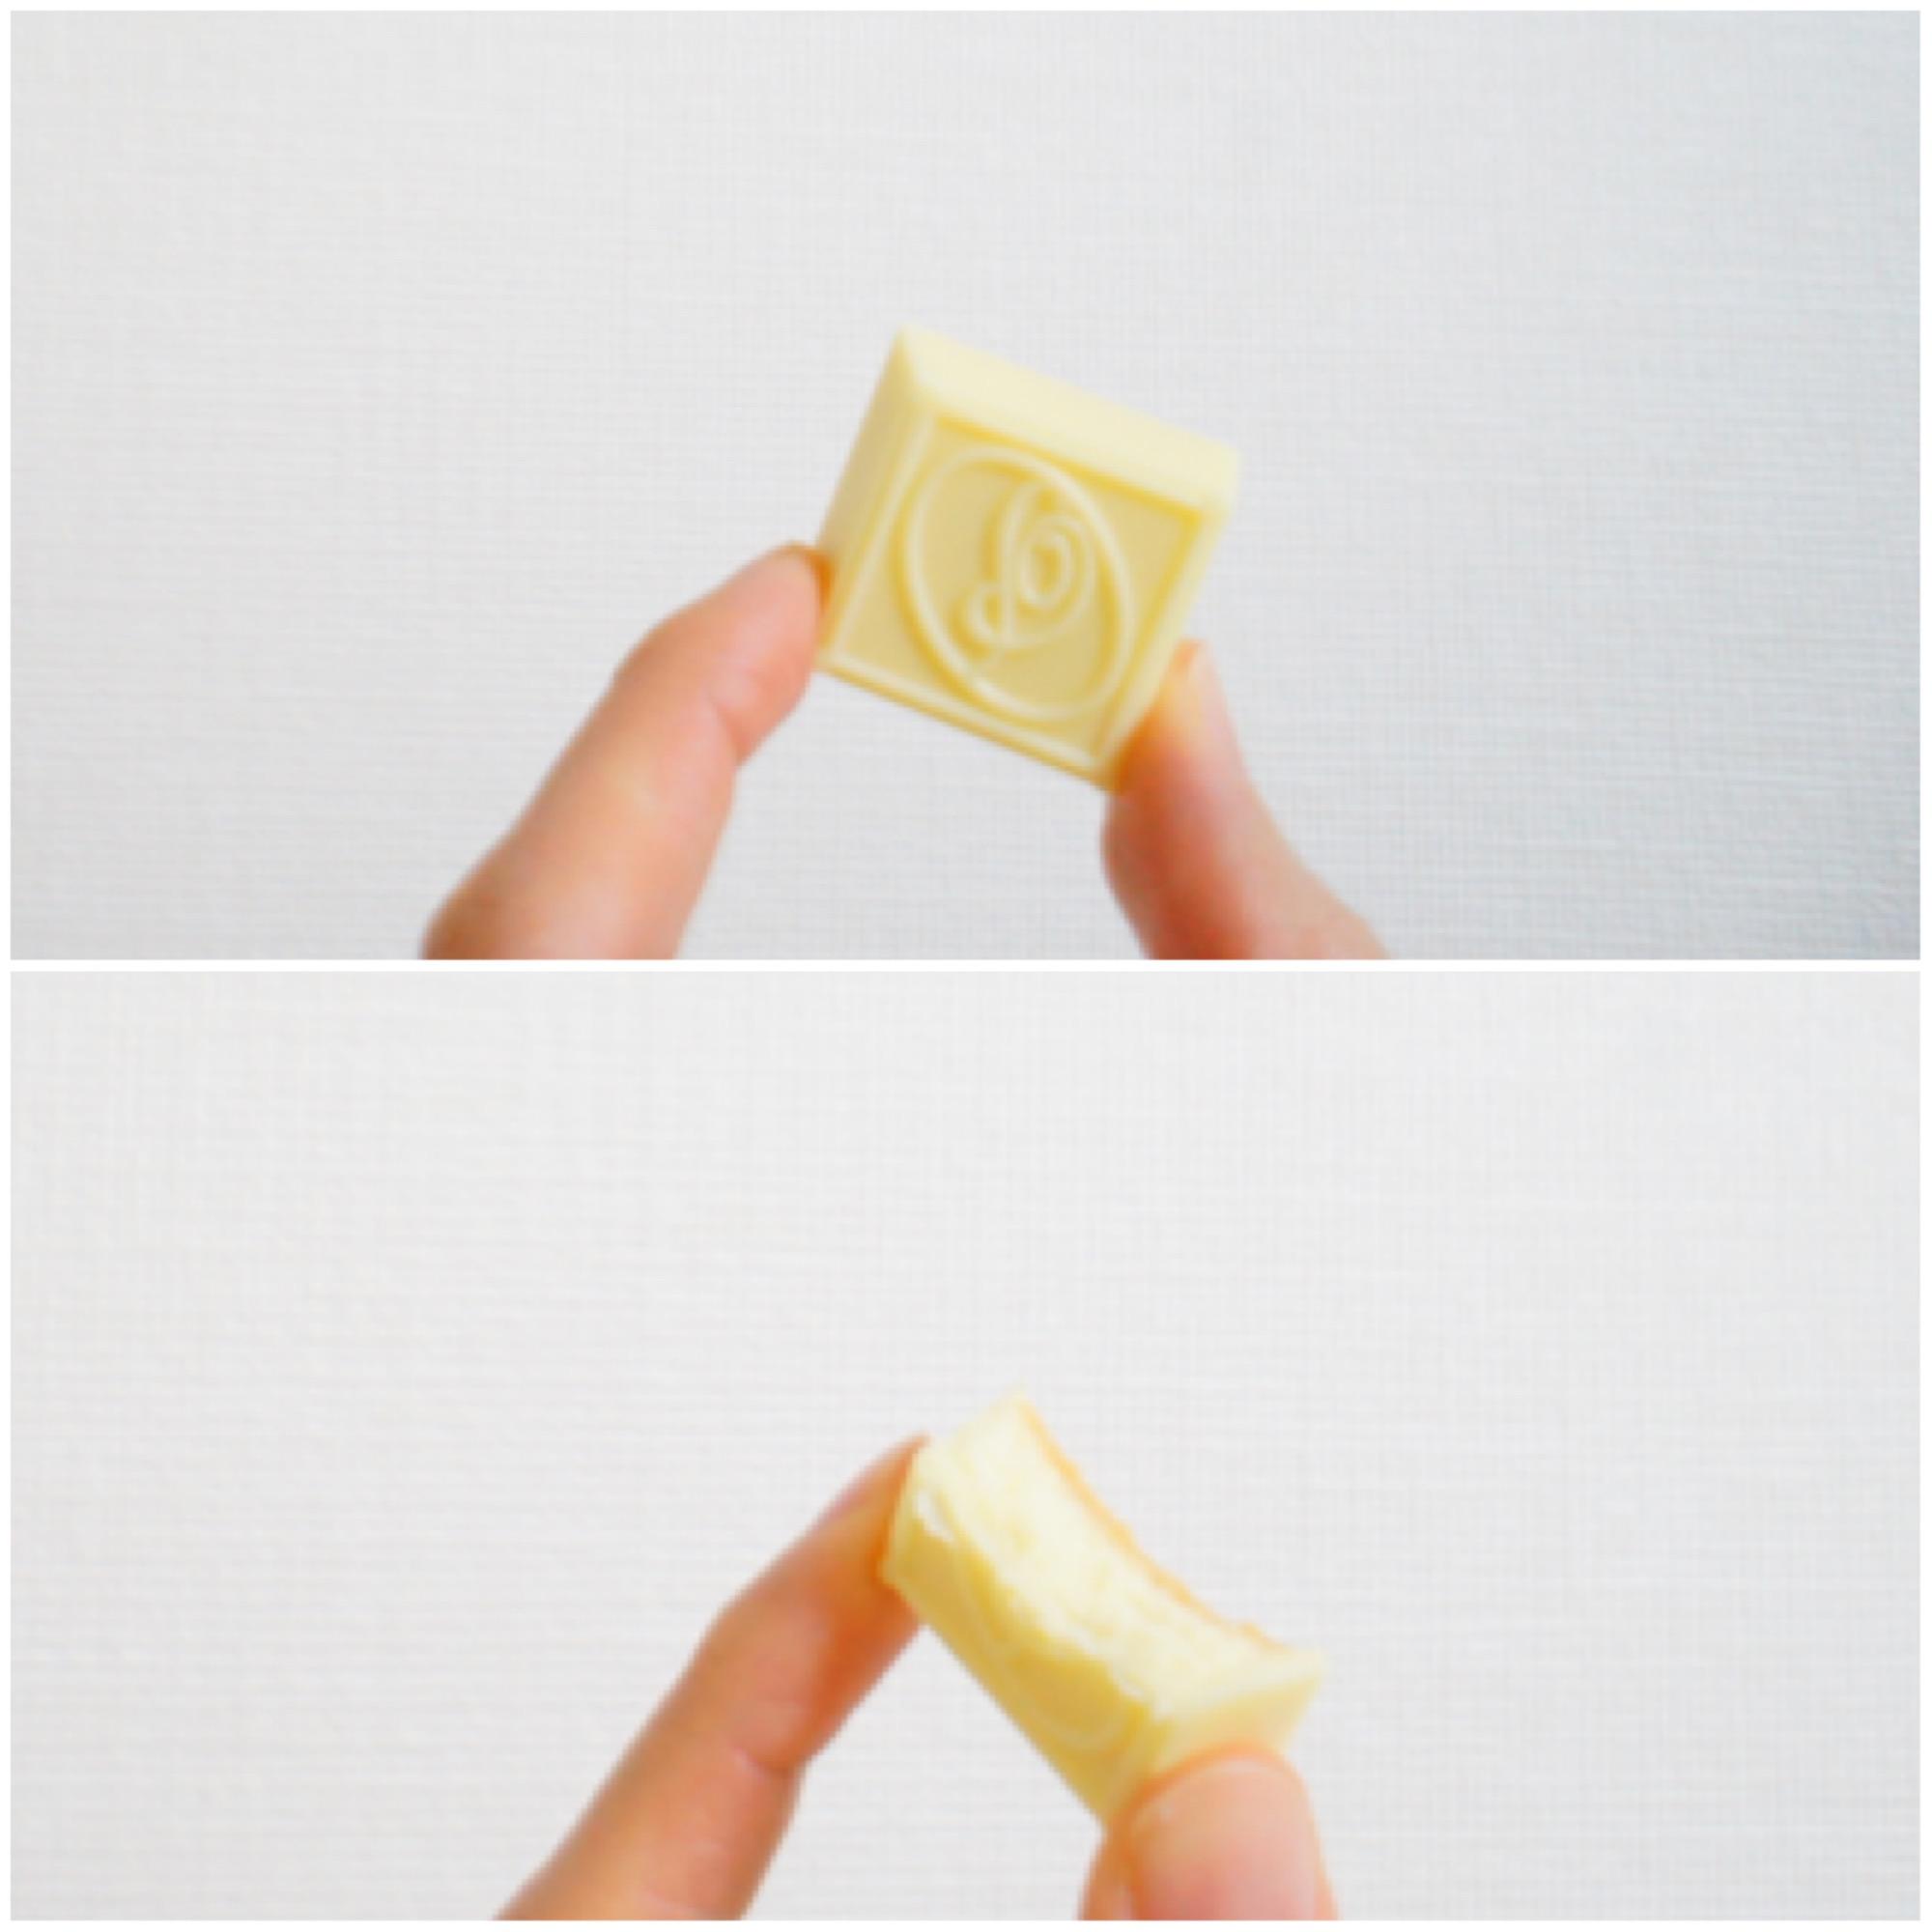 《人生最高のチーズケーキ❤️》絶対食べたい!【ミスチ(Mr. CHEESECAKE)×チロルチョコ】の数量限定コラボ☻_2